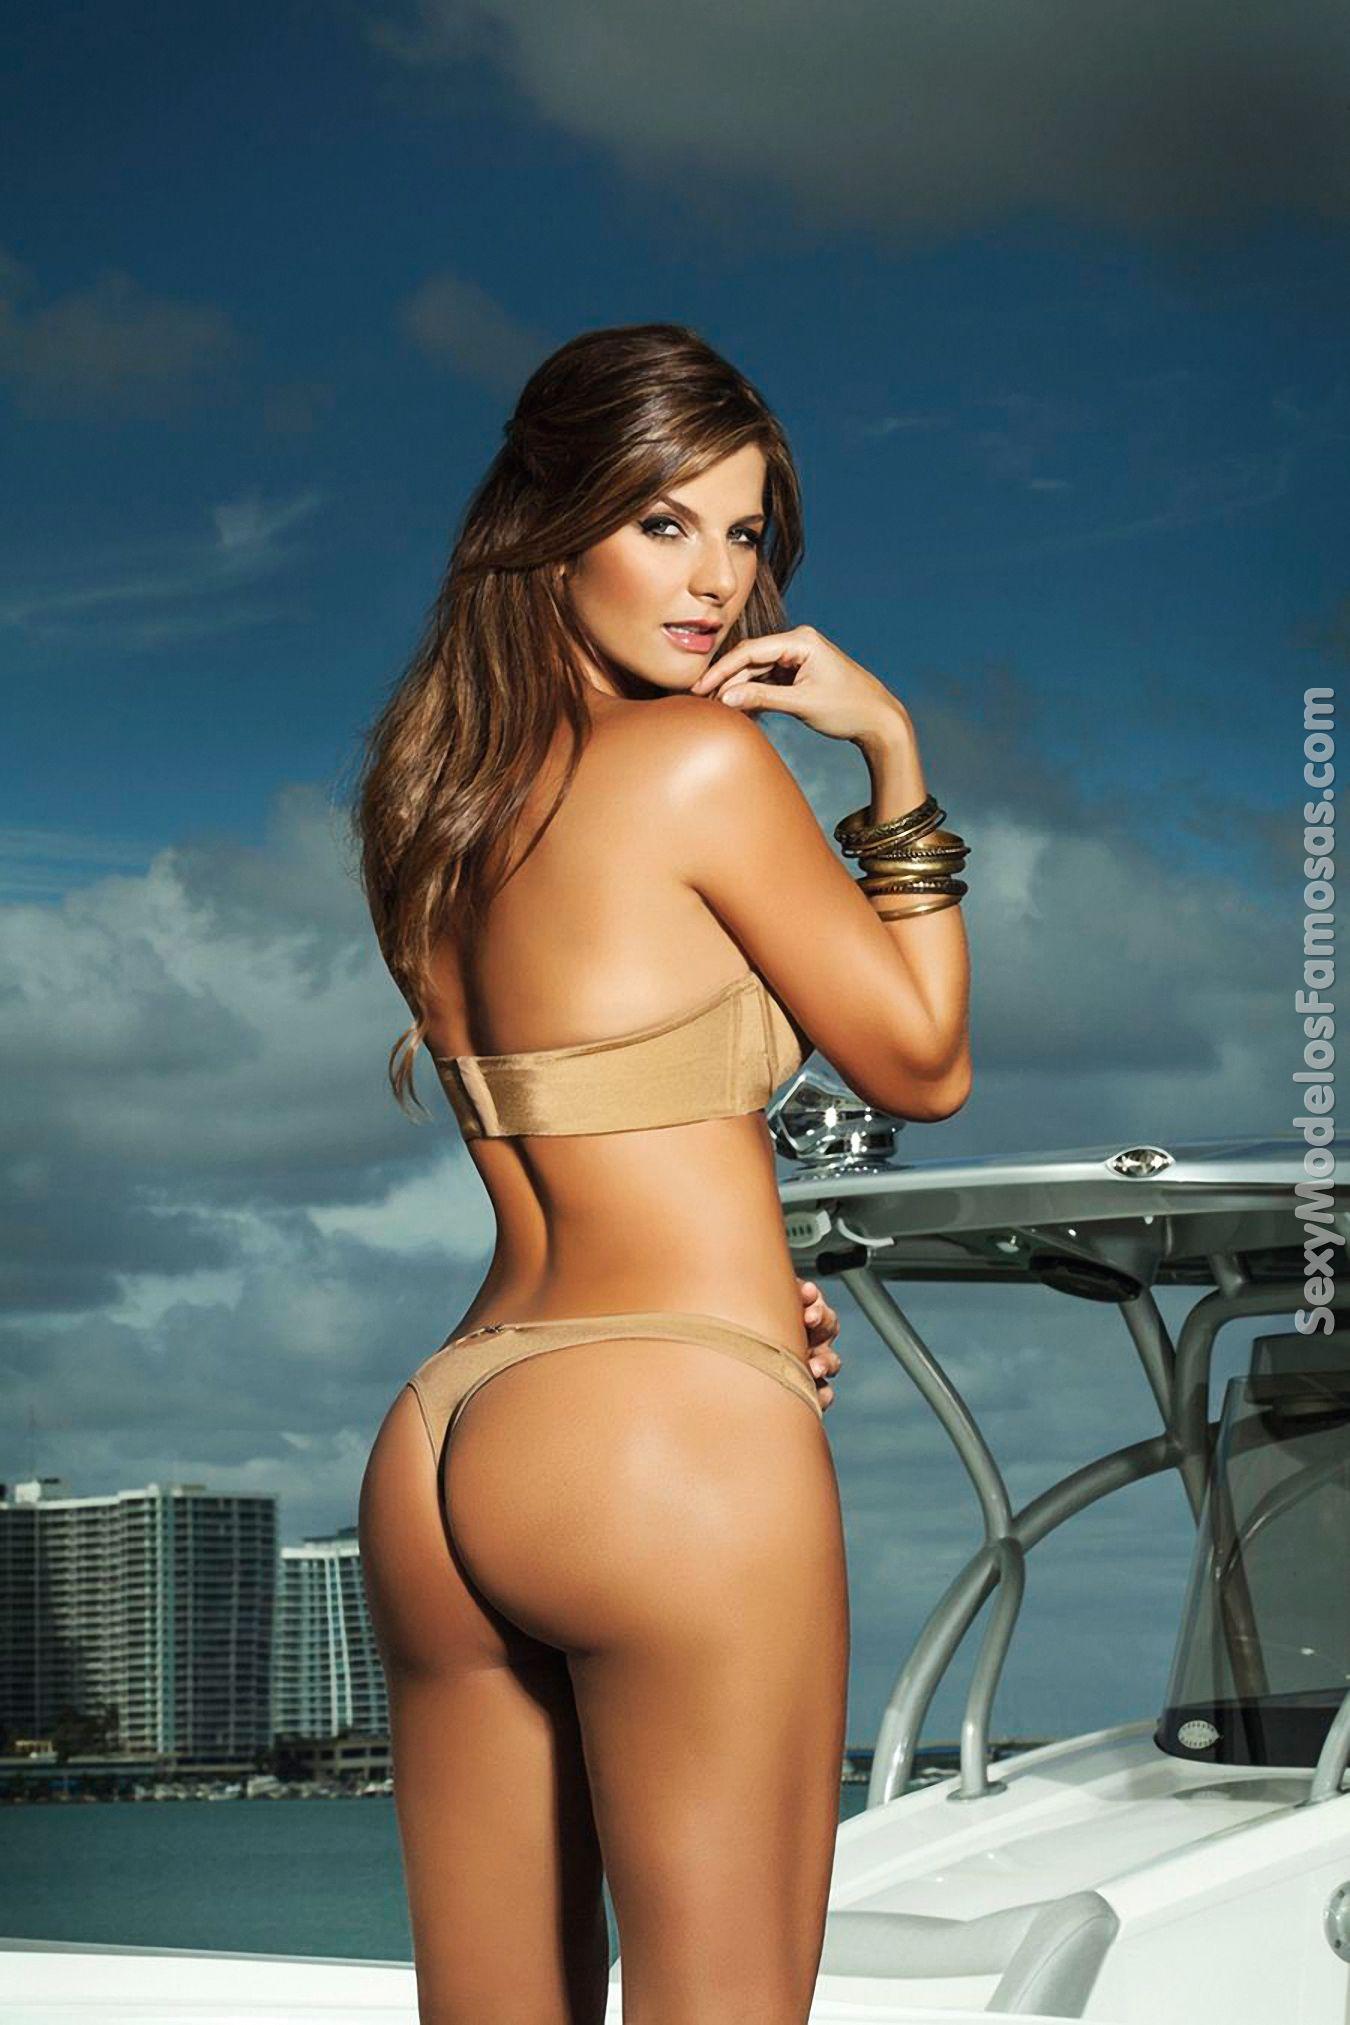 Fotos De La Bella Presentadora Colombiana Carolina Cruz Modelando Ropa